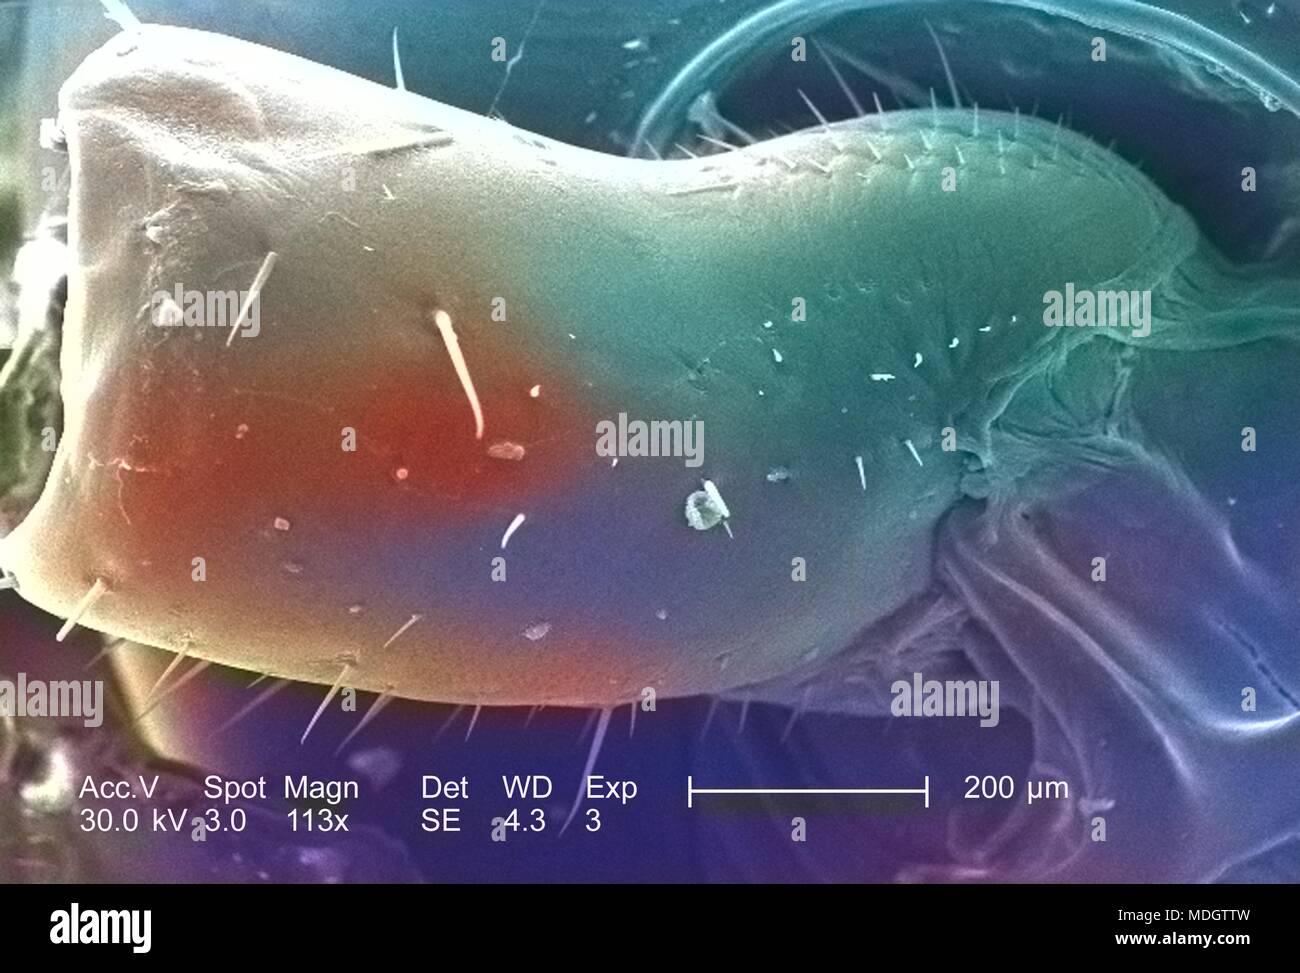 Primo segmento di un misterioso roach regione capo e antenna, raffigurato nella 113x di scansione ingrandita al microscopio elettronico (SEM) immagine, 2005. Immagine cortesia di centri per il controllo delle malattie (CDC) / Janice Haney Carr. Nota: l'immagine è stato colorizzato digitalmente usando un processo moderno. I colori possono non essere scientificamente accurate. () Immagini Stock